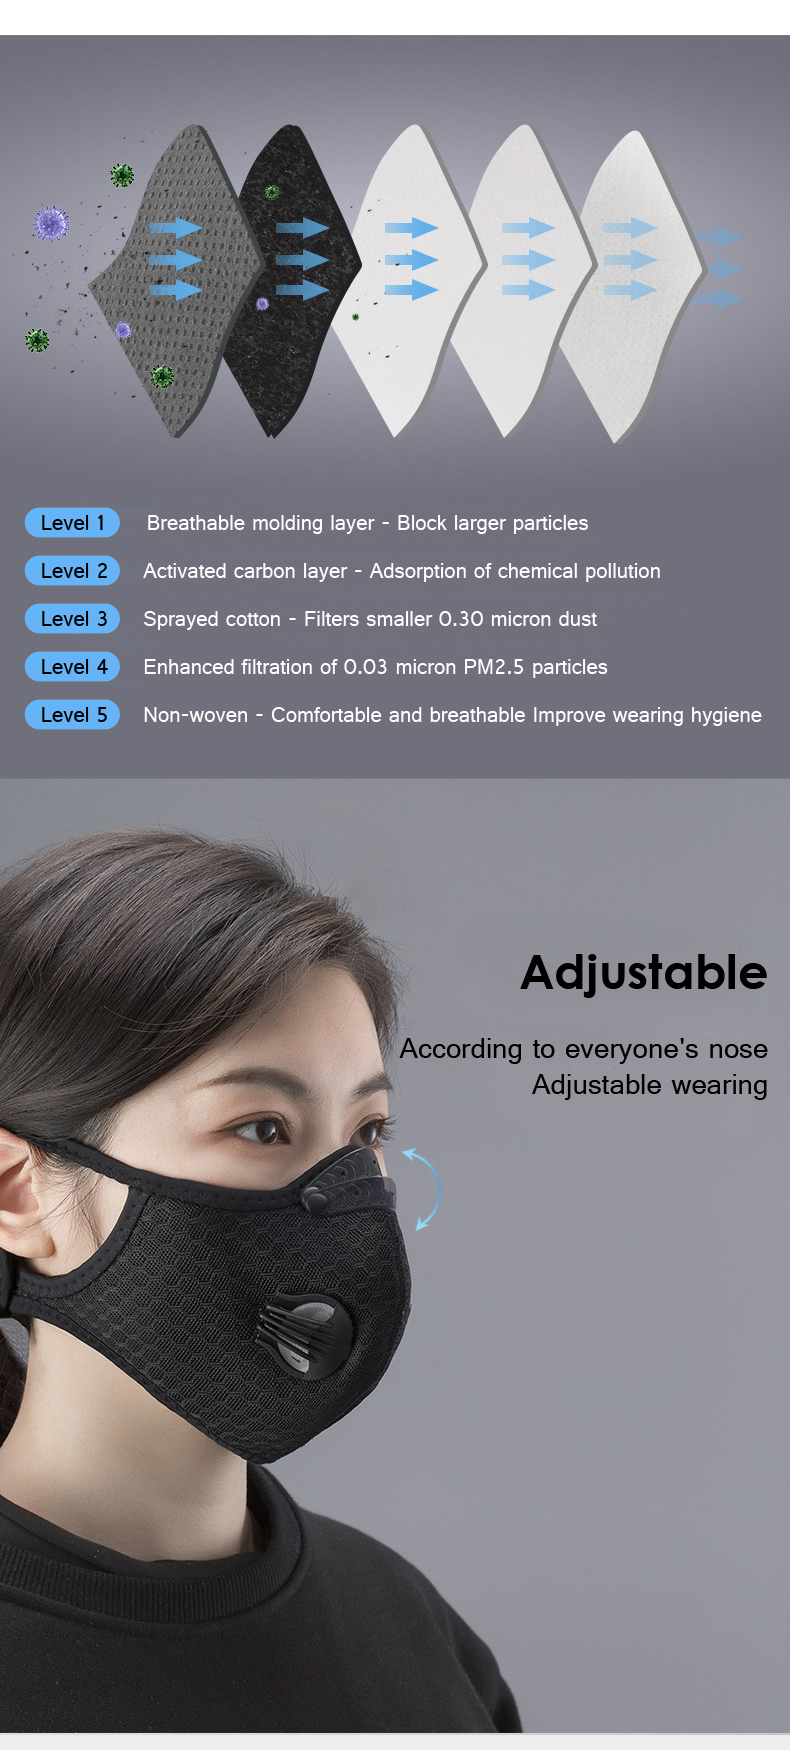 活性炭口罩_户外防护口罩骑行保暖面罩霾活性炭kn95口罩---阿里巴巴(1)_05